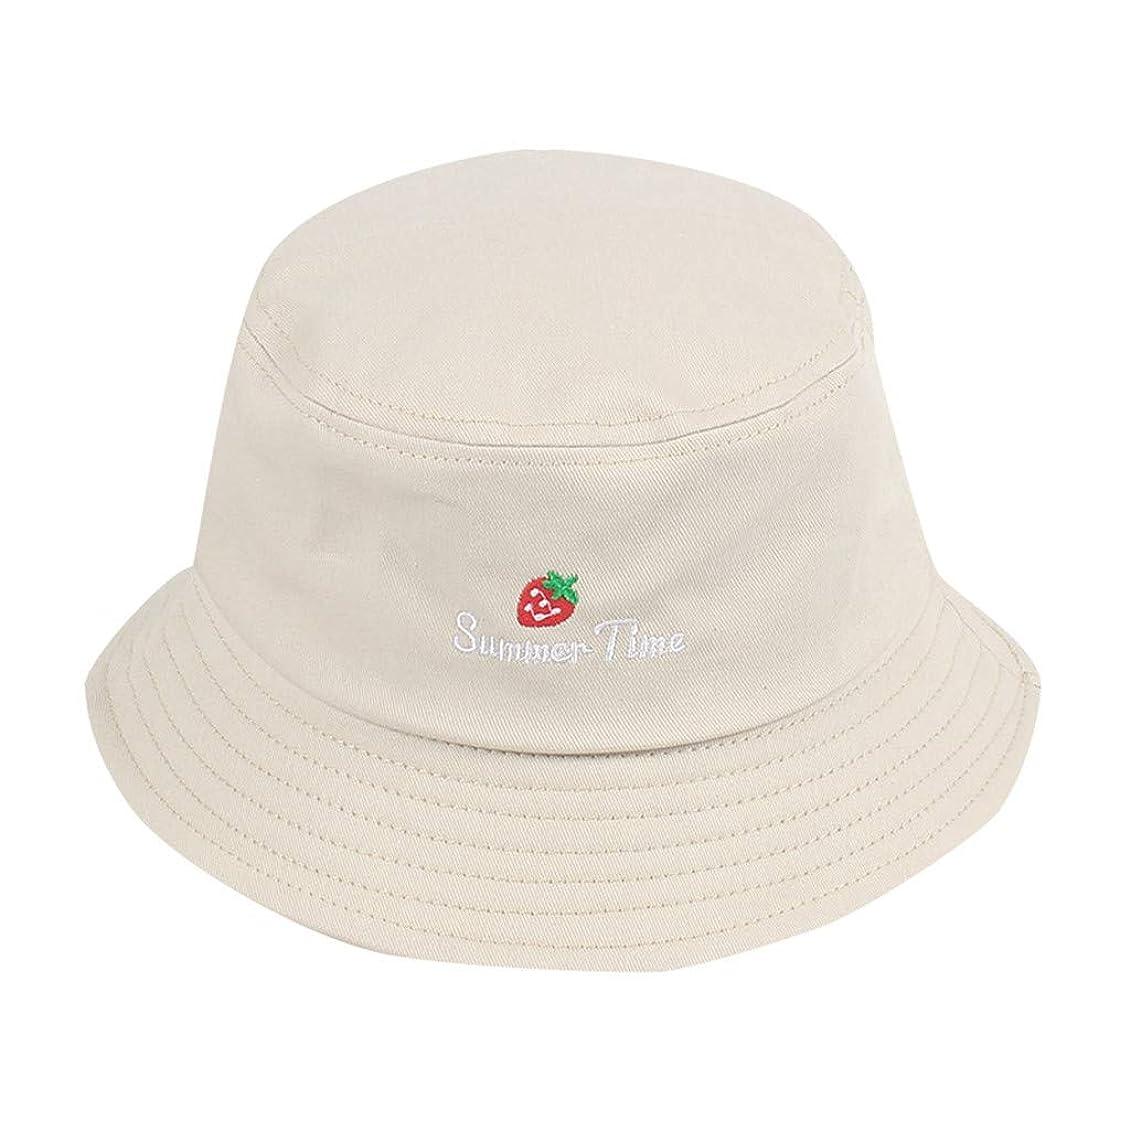 良心理想的ルーキー帽子 夏 発送 漁師の帽子 レディース ハットラップ 森ガール かわいい 吸汗通気 女優帽 日よけ UVカット 帽子 ハット レディース 棉 日よけ つば広 紫外線対策 小顔効果抜群 刺繍 いちご ROSE ROMAN